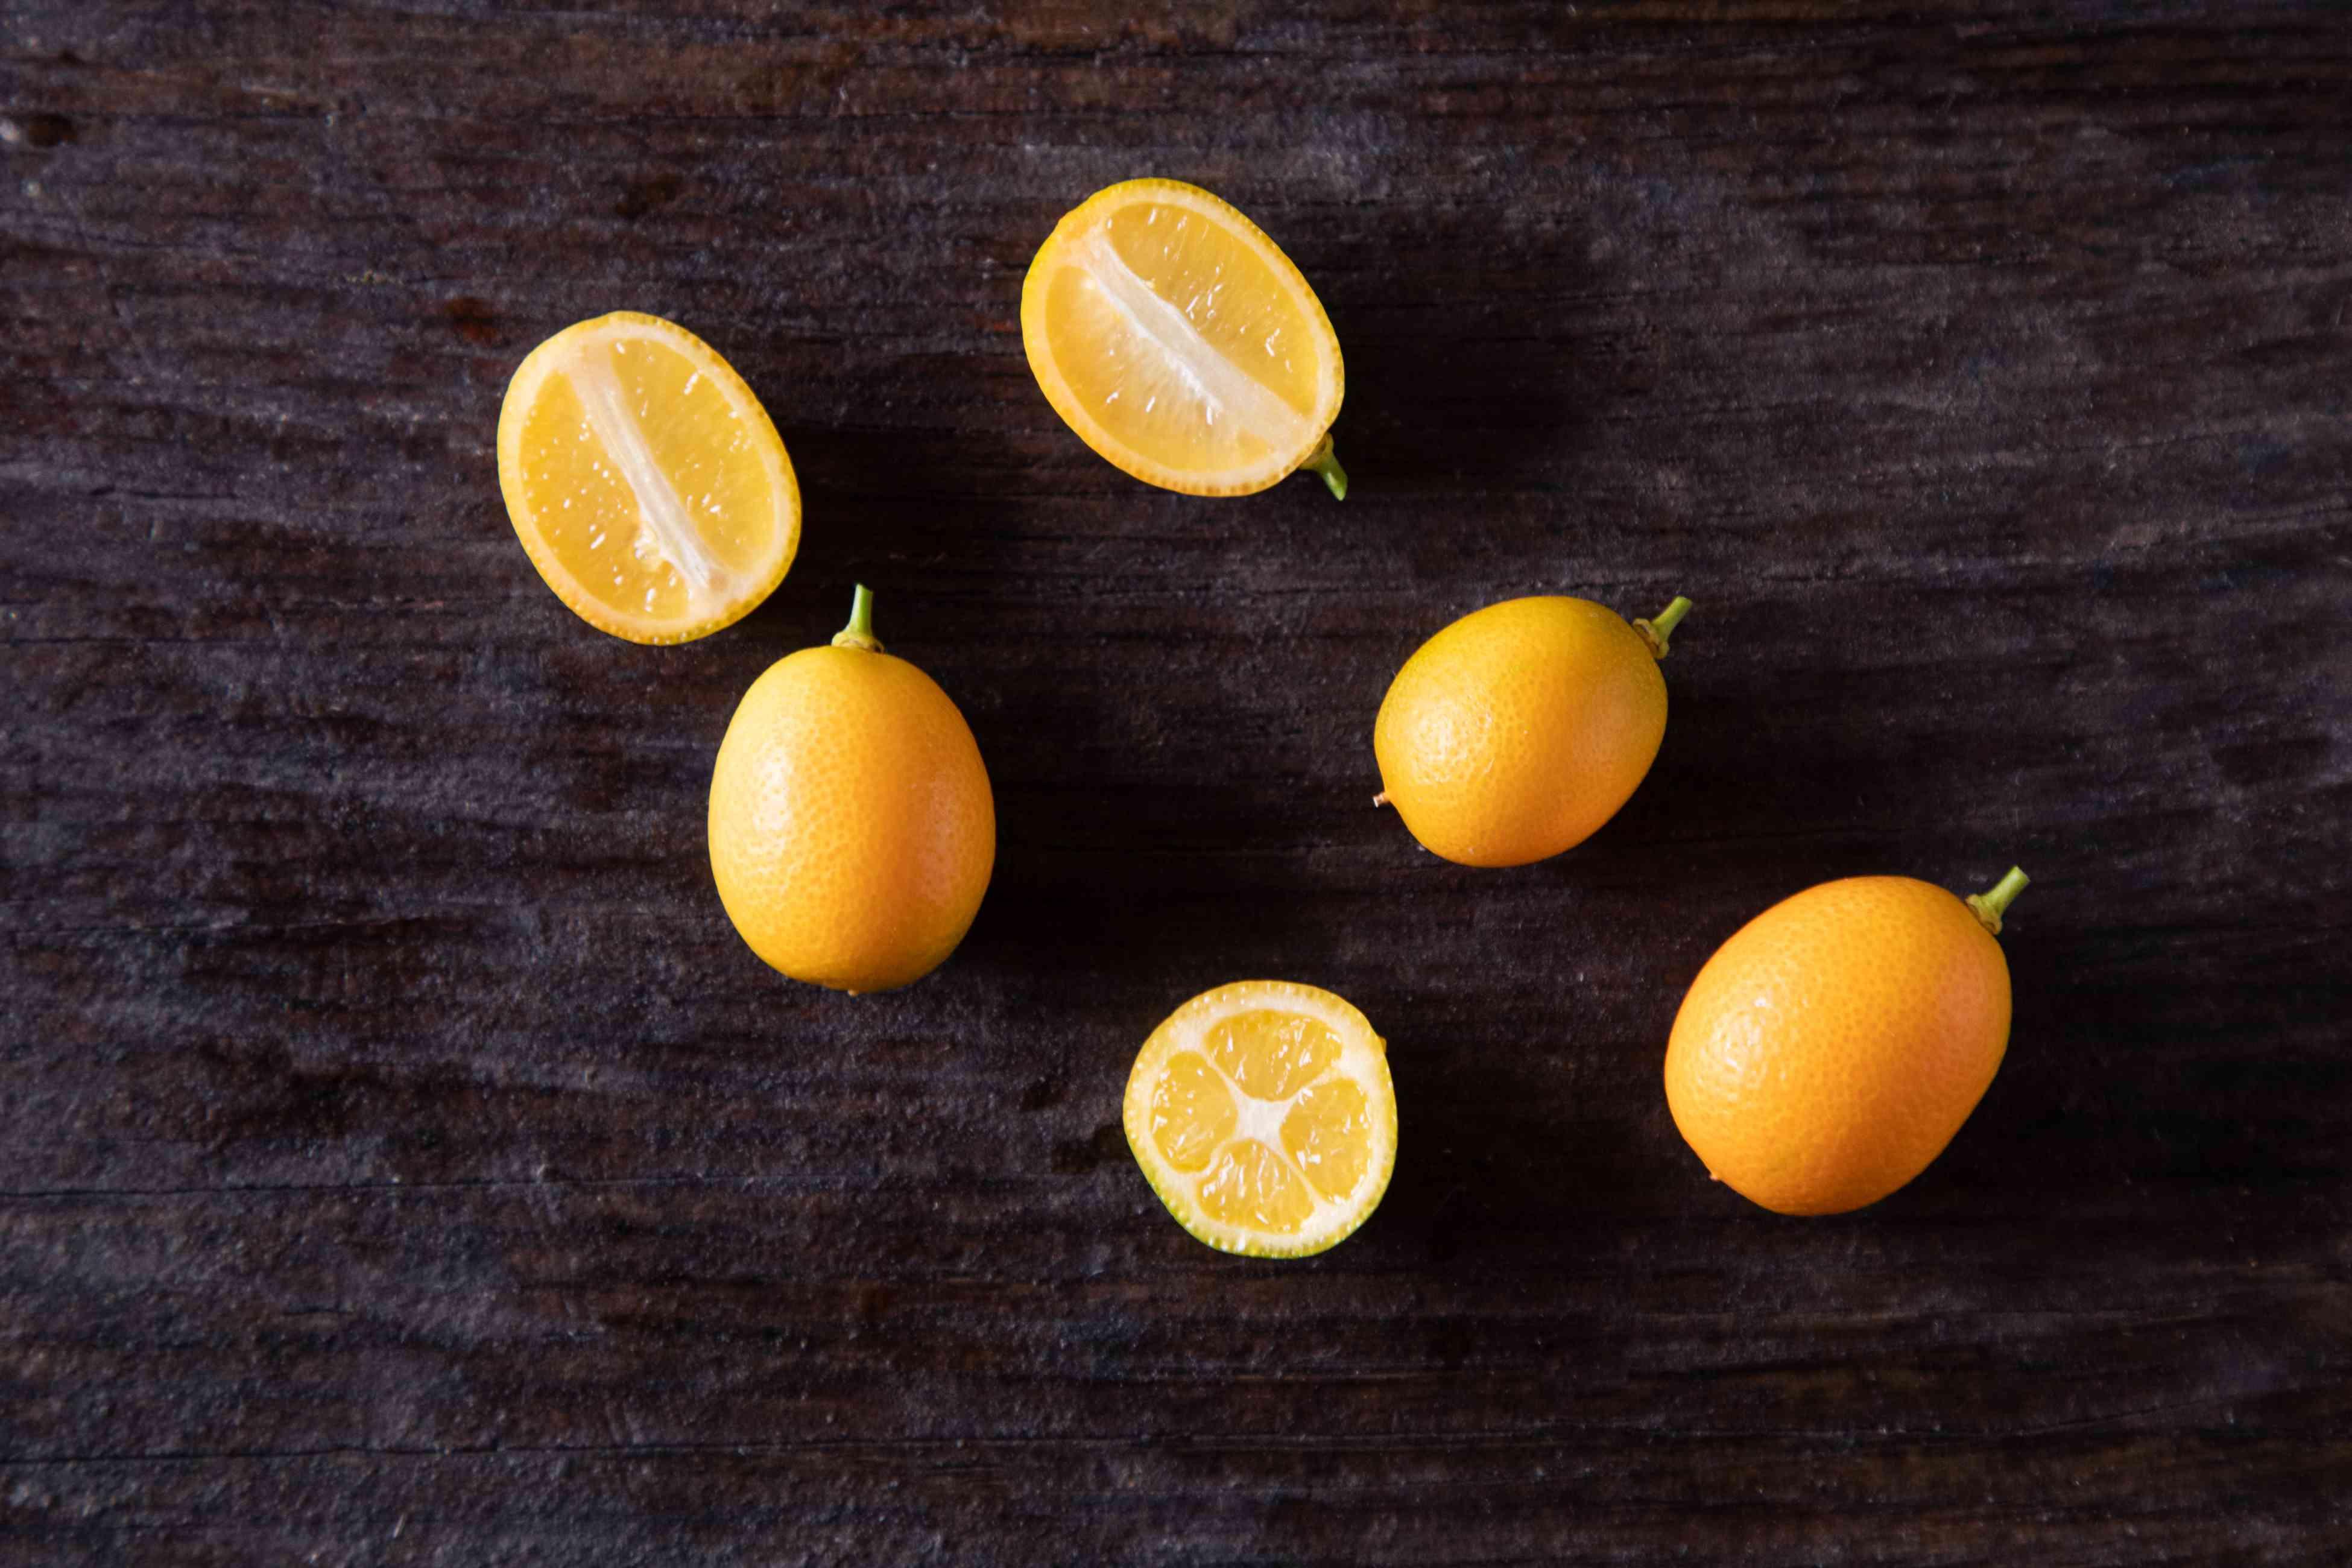 Kumquats on dark background